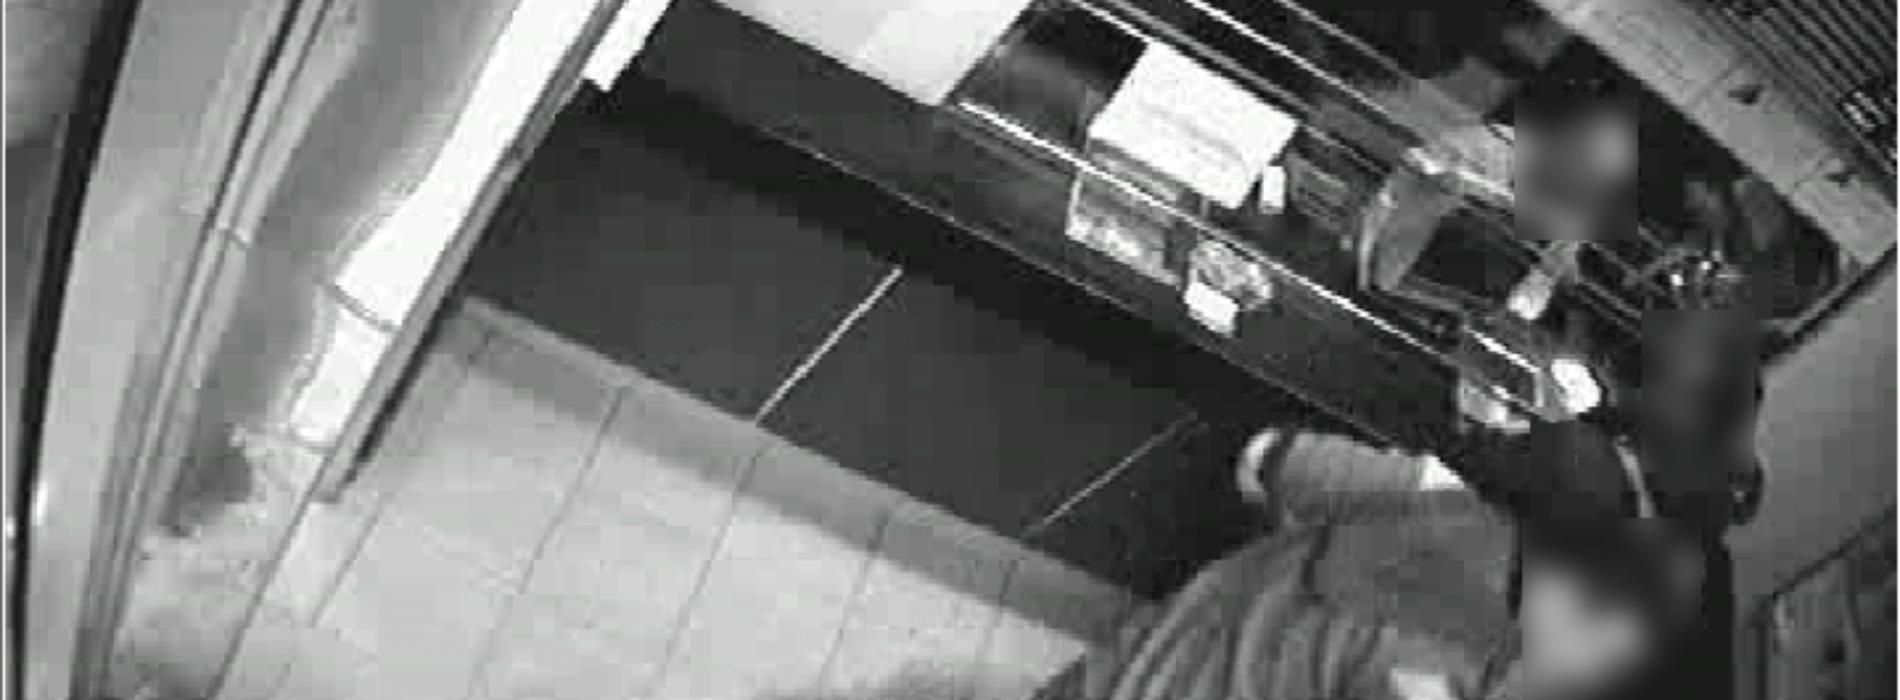 Policjanci zatrzymali mężczyznę, który próbował okraść klienta w kantorze wymiany walut